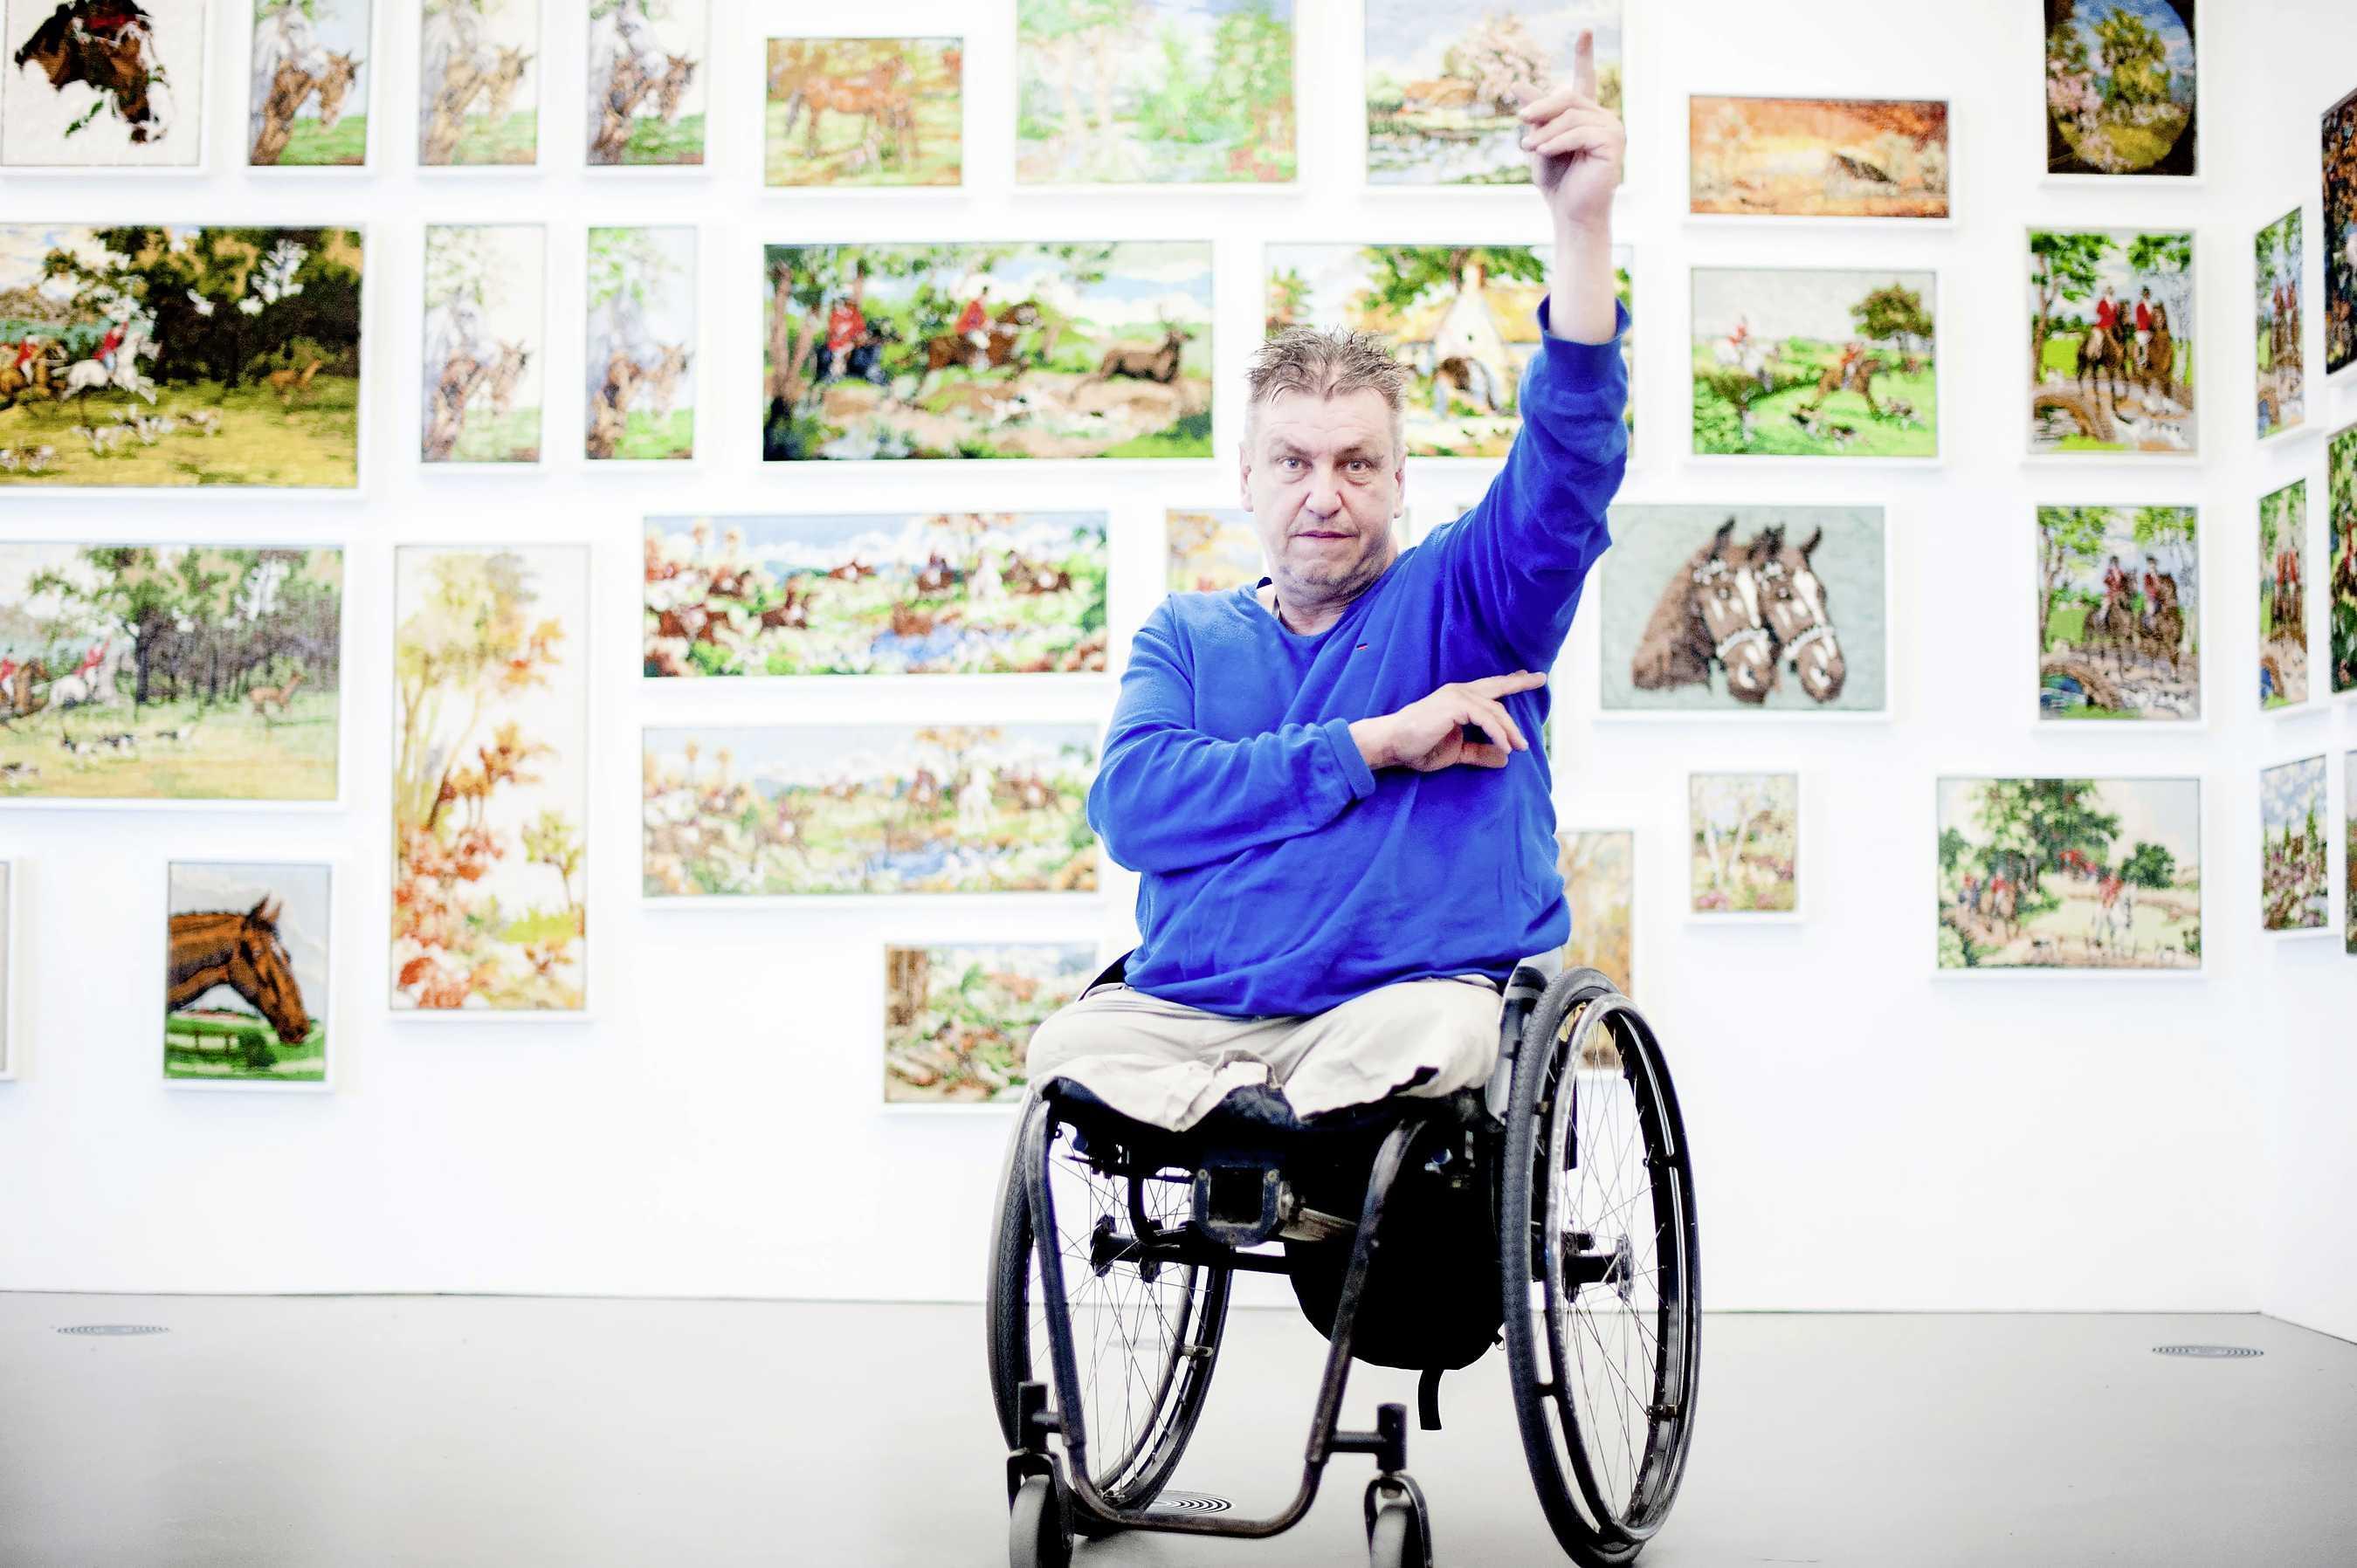 Rob Scholte krijgt van de rechter nog één keer de gelegenheid om kopers te vinden voor zijn kunstcollectie. Als hem dat niet lukt, mag de gemeente tot veiling overgaan